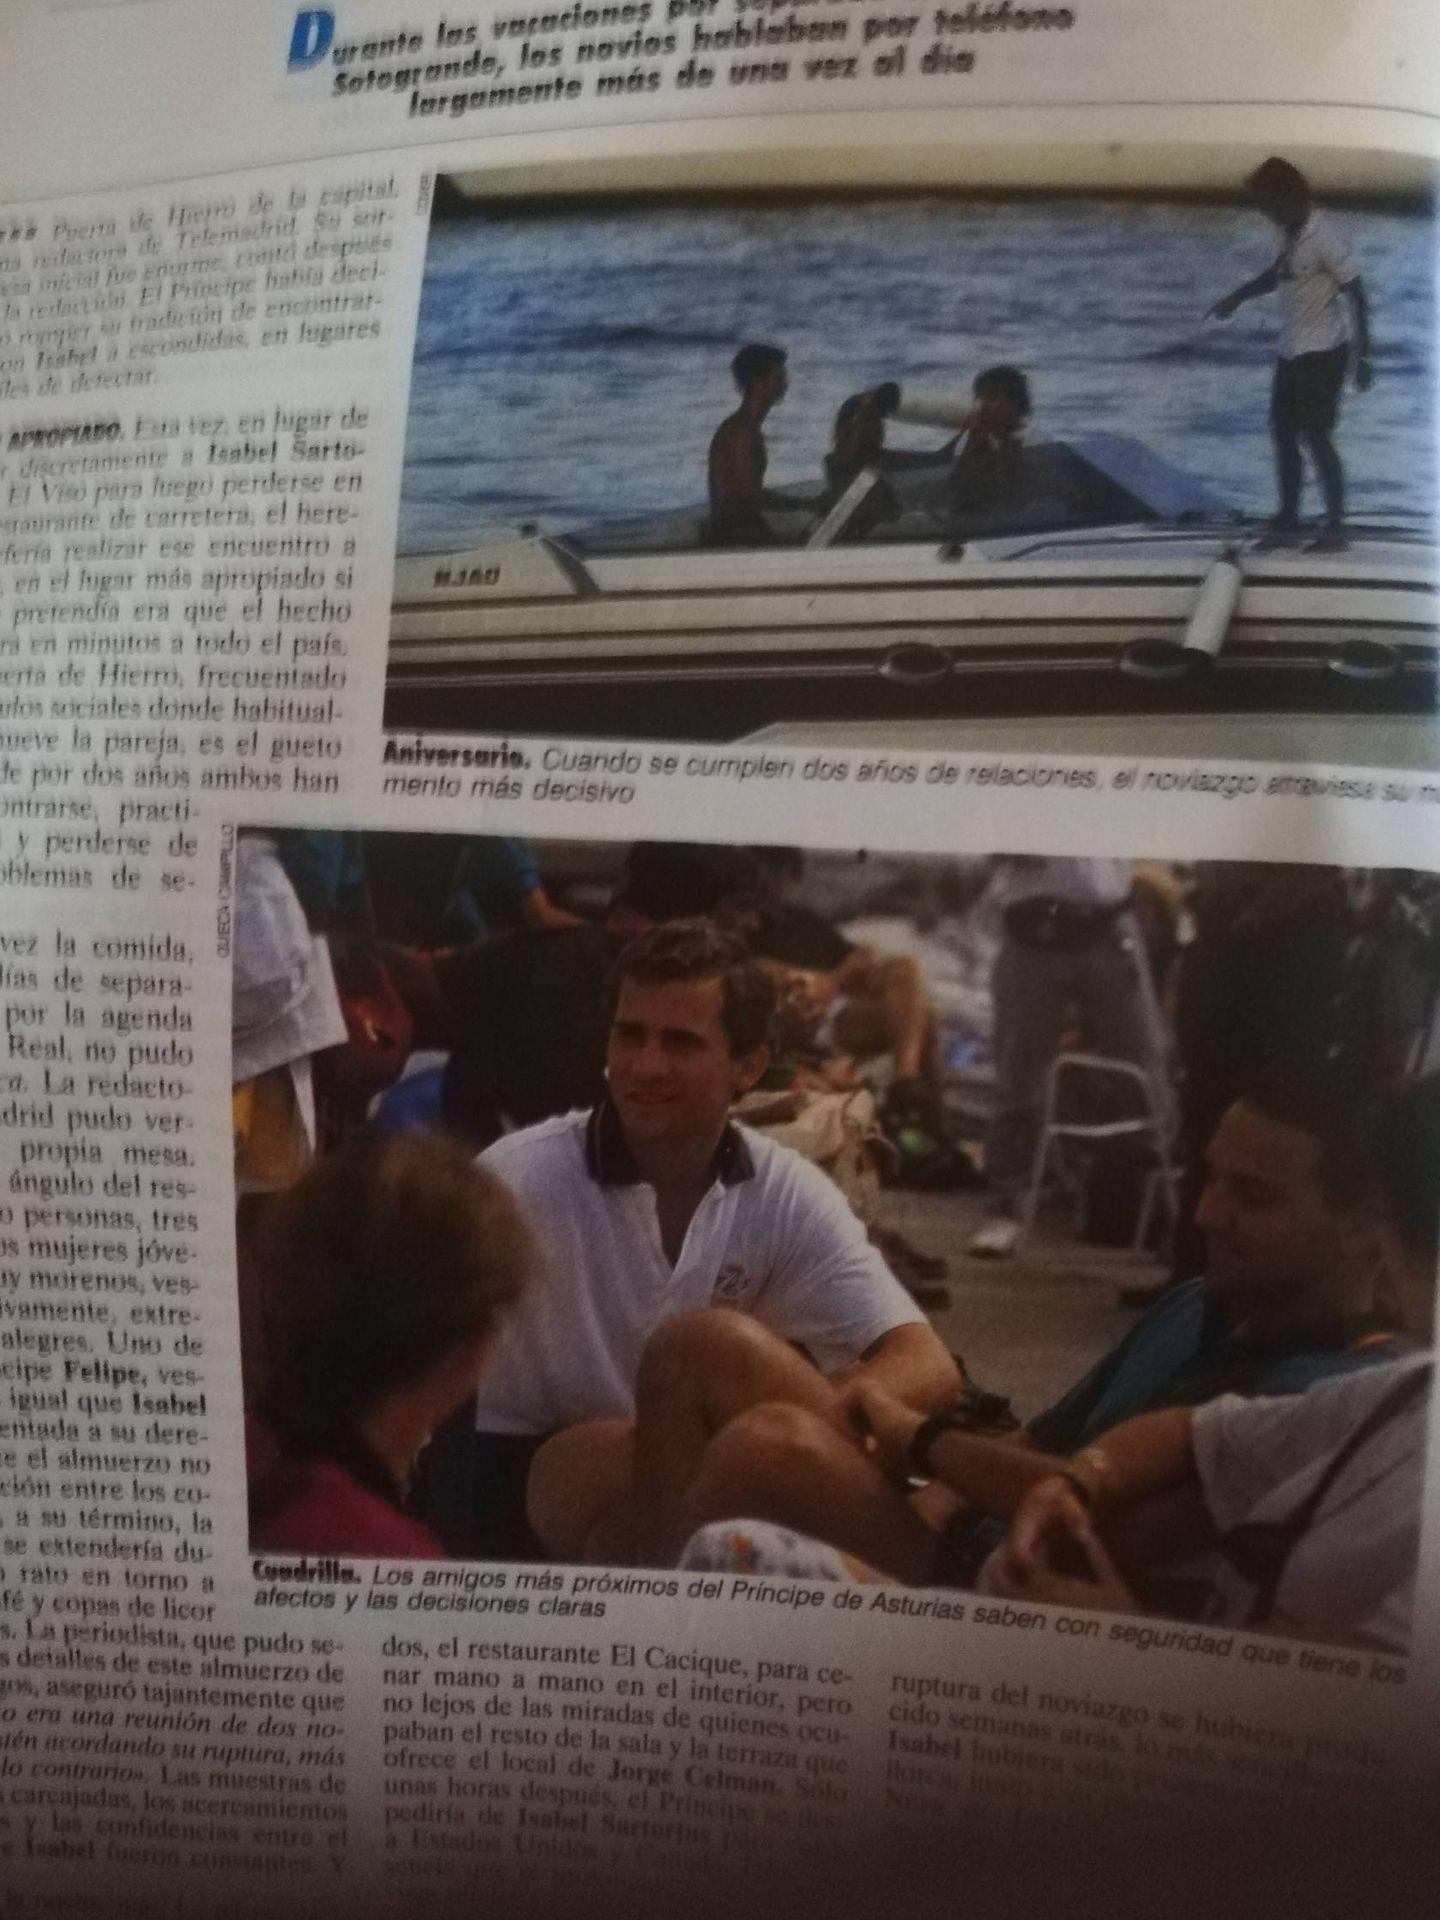 Felipe VI durante sus veranos de juventud en Mallorca. (Tiempo)